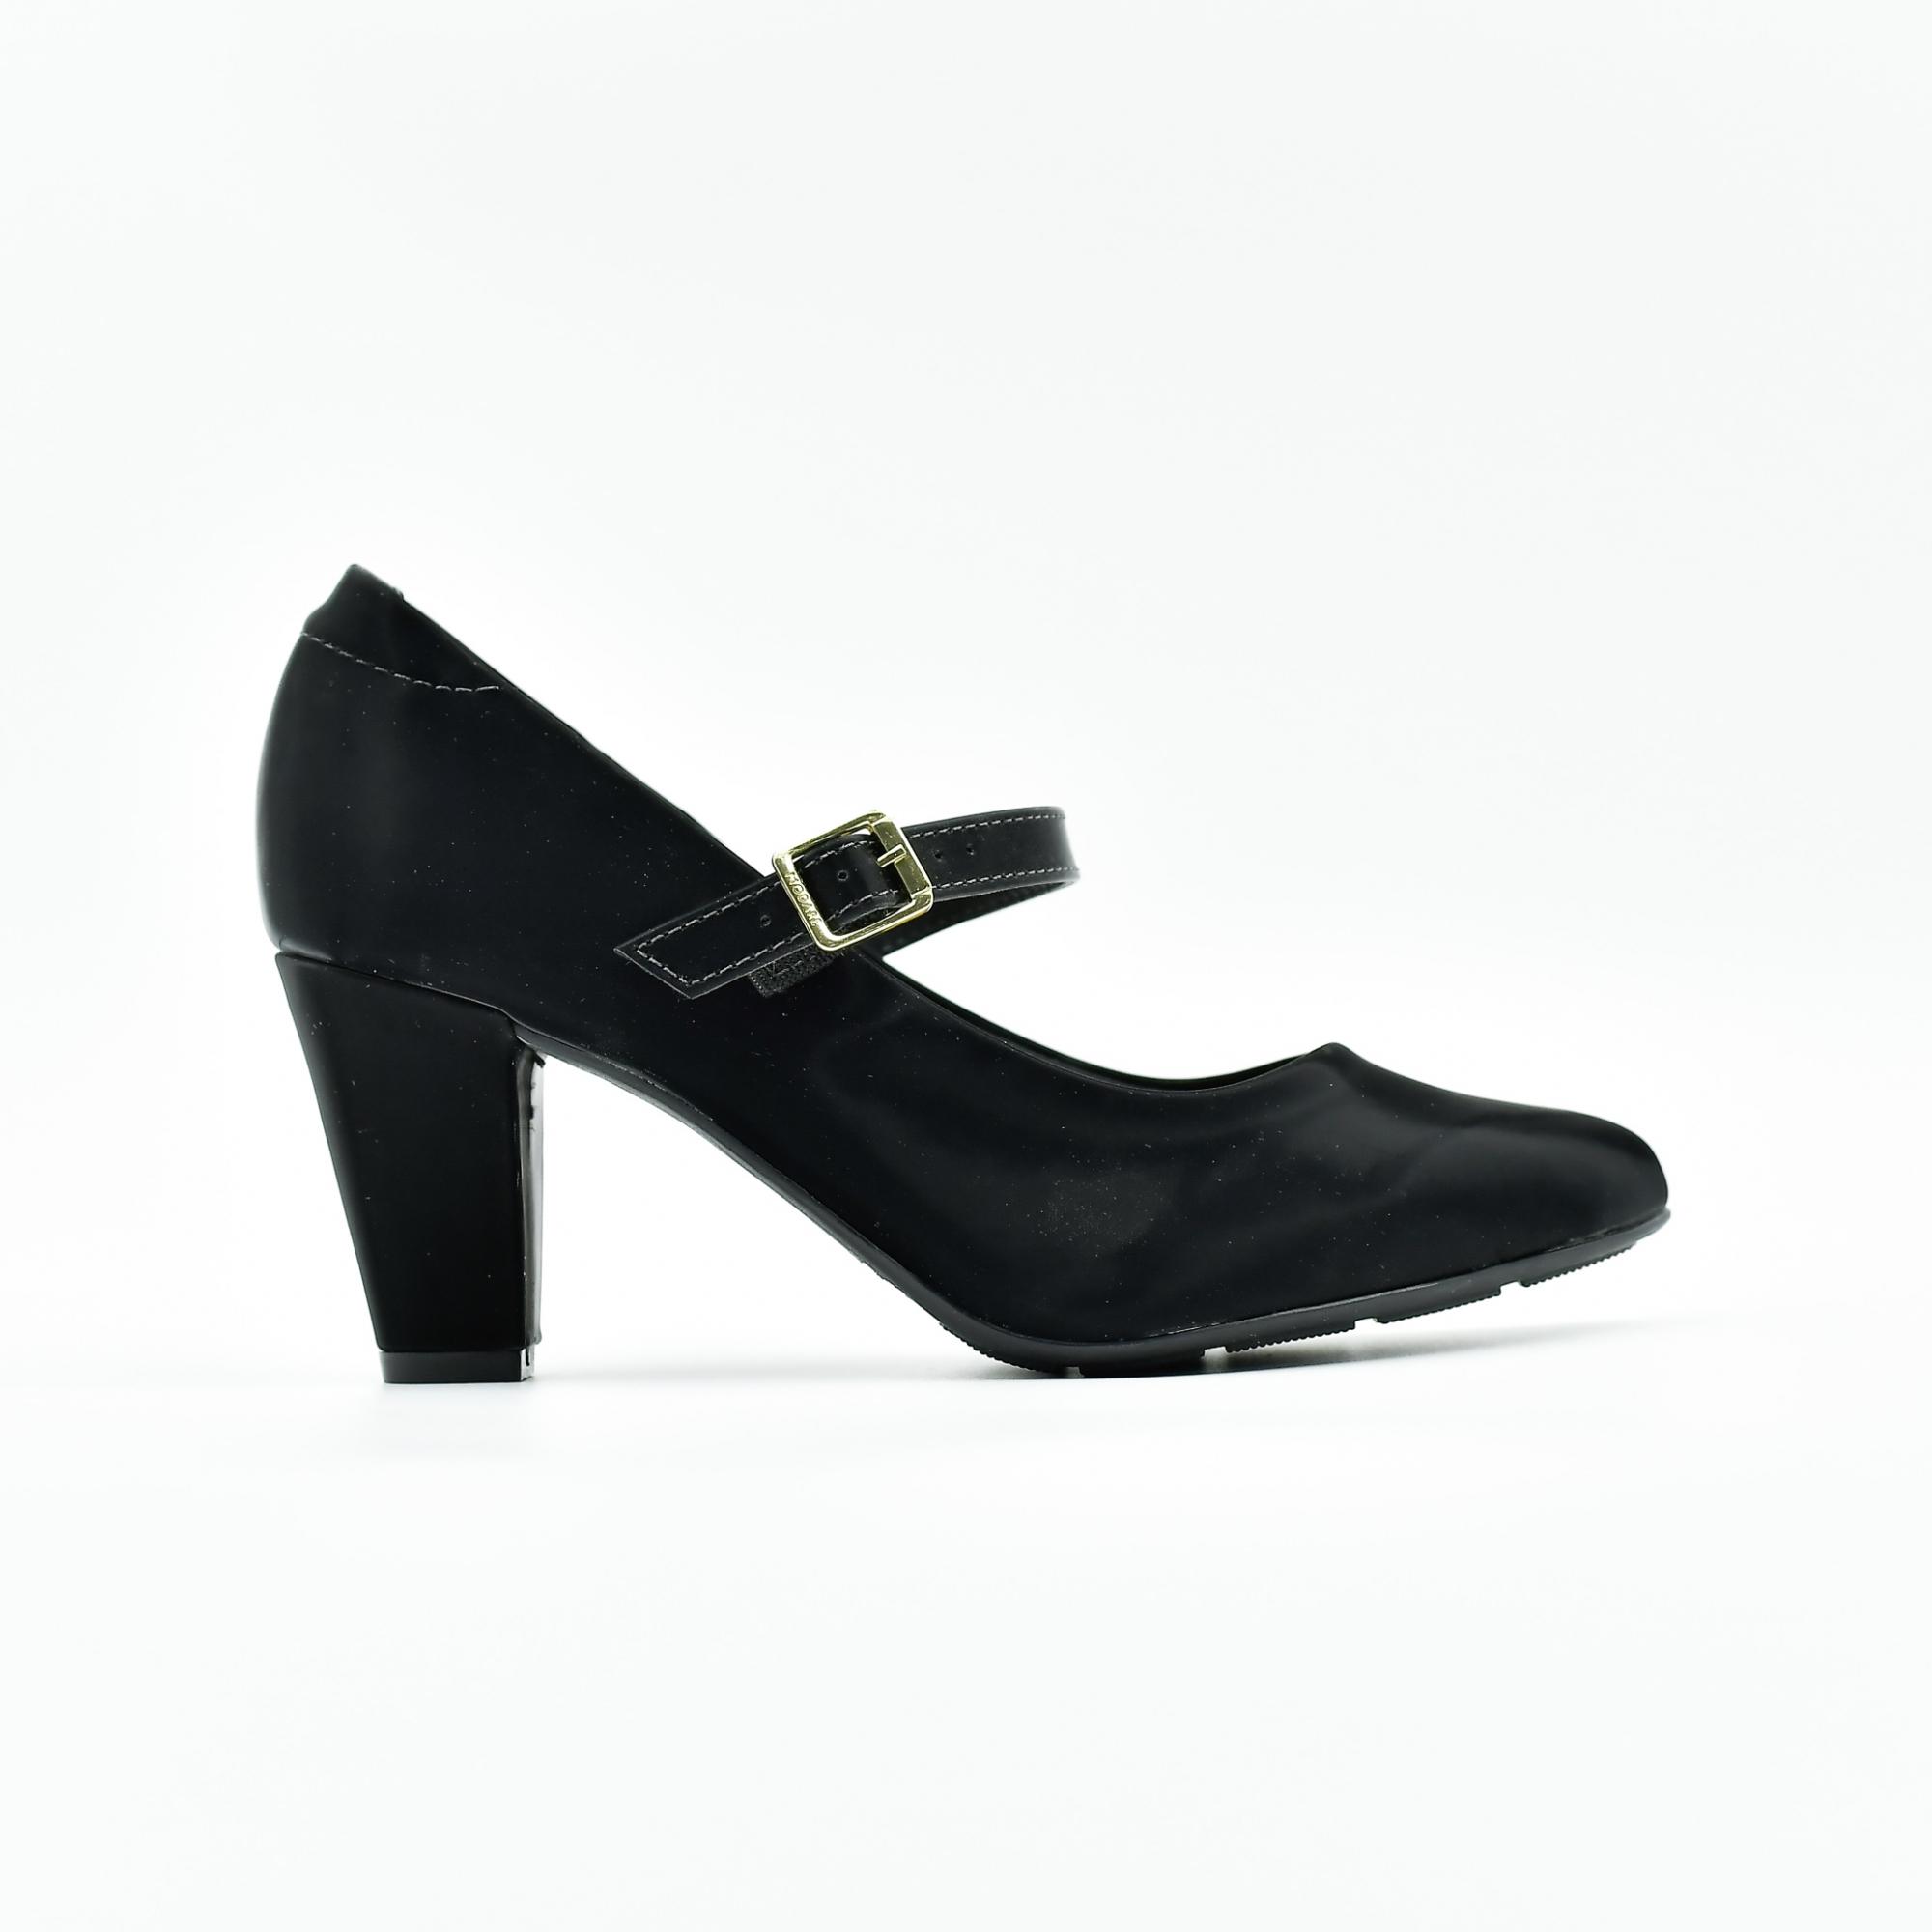 Sapato Feminino Modare Salto Napa Glossy Preto